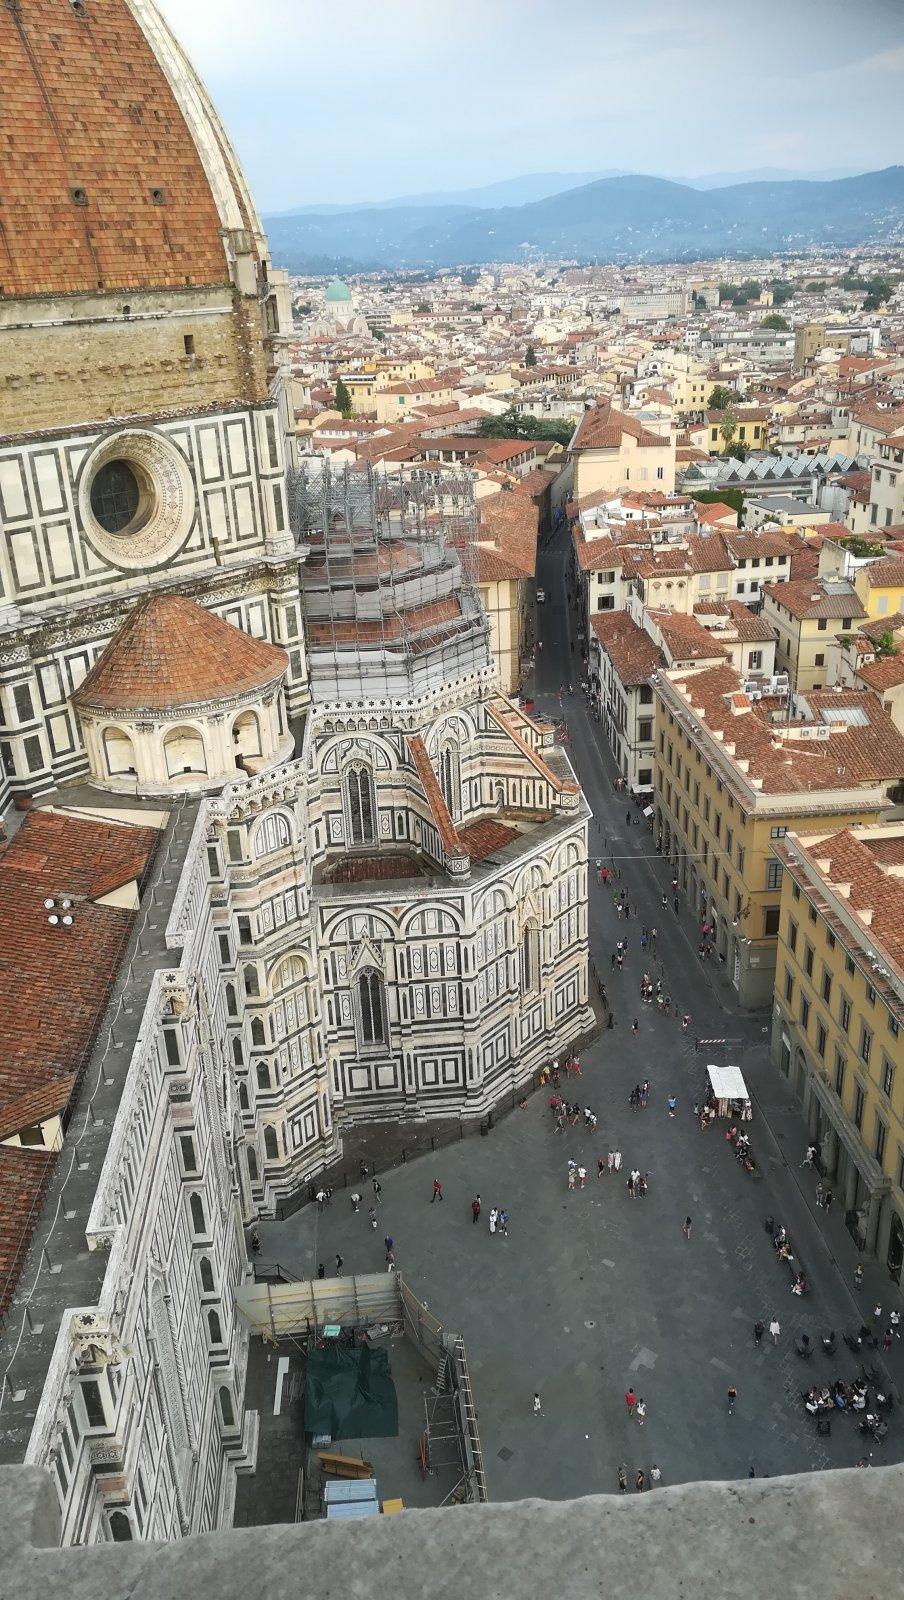 تنسيق برنامج إيطاليا توسكانا روما فلورنس بيزا سيينا 387045 المسافرون العرب